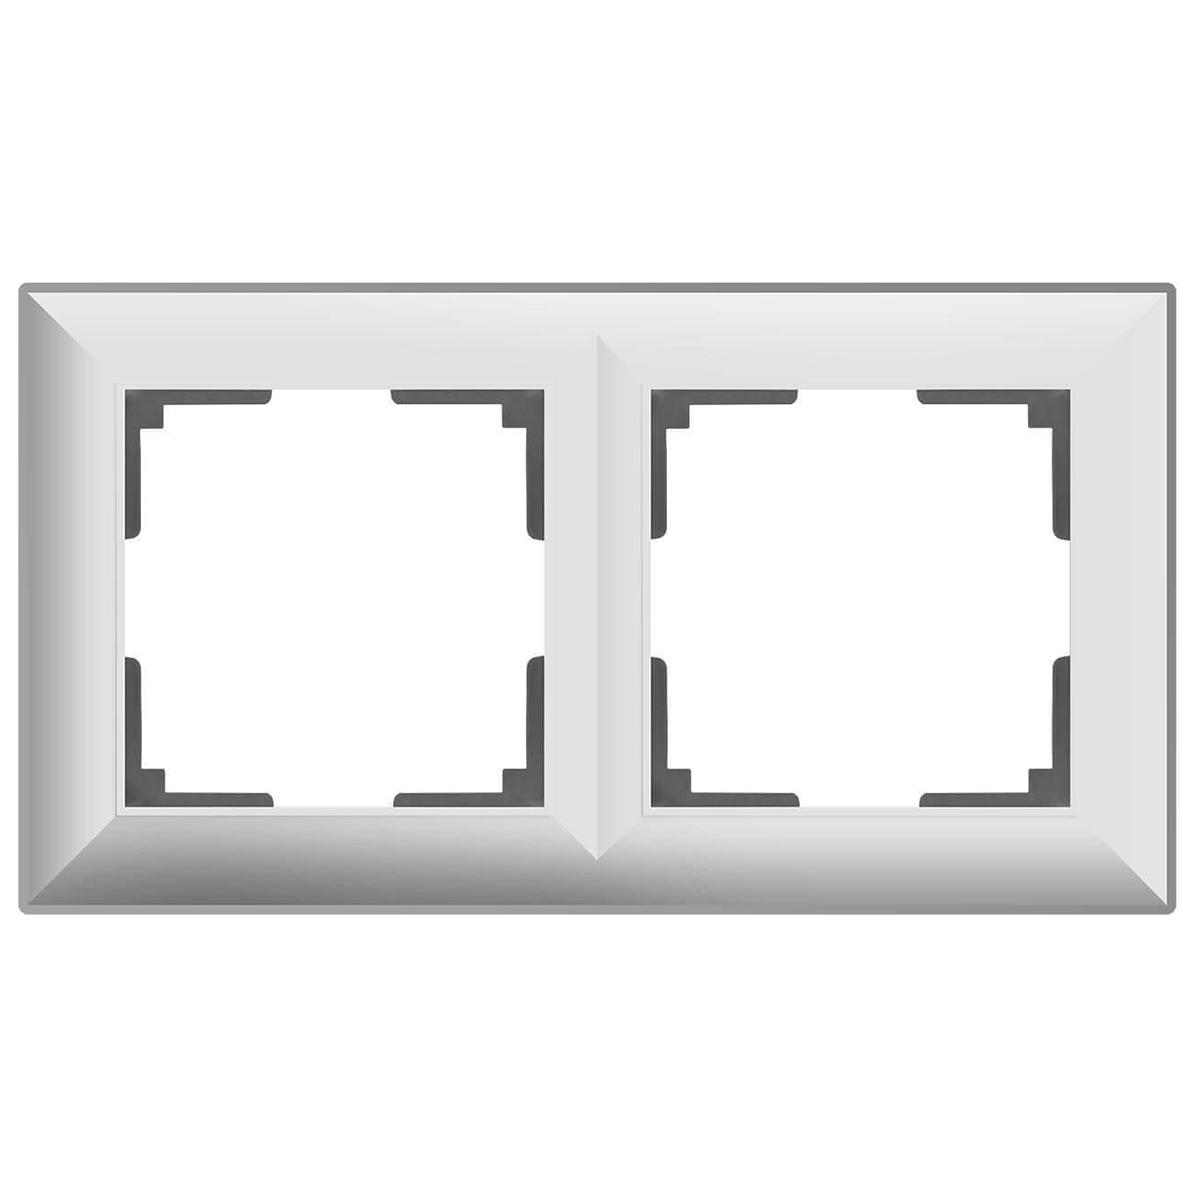 цена Рамка Fiore на 2 поста белый WL14-Frame-02 4690389109072 онлайн в 2017 году